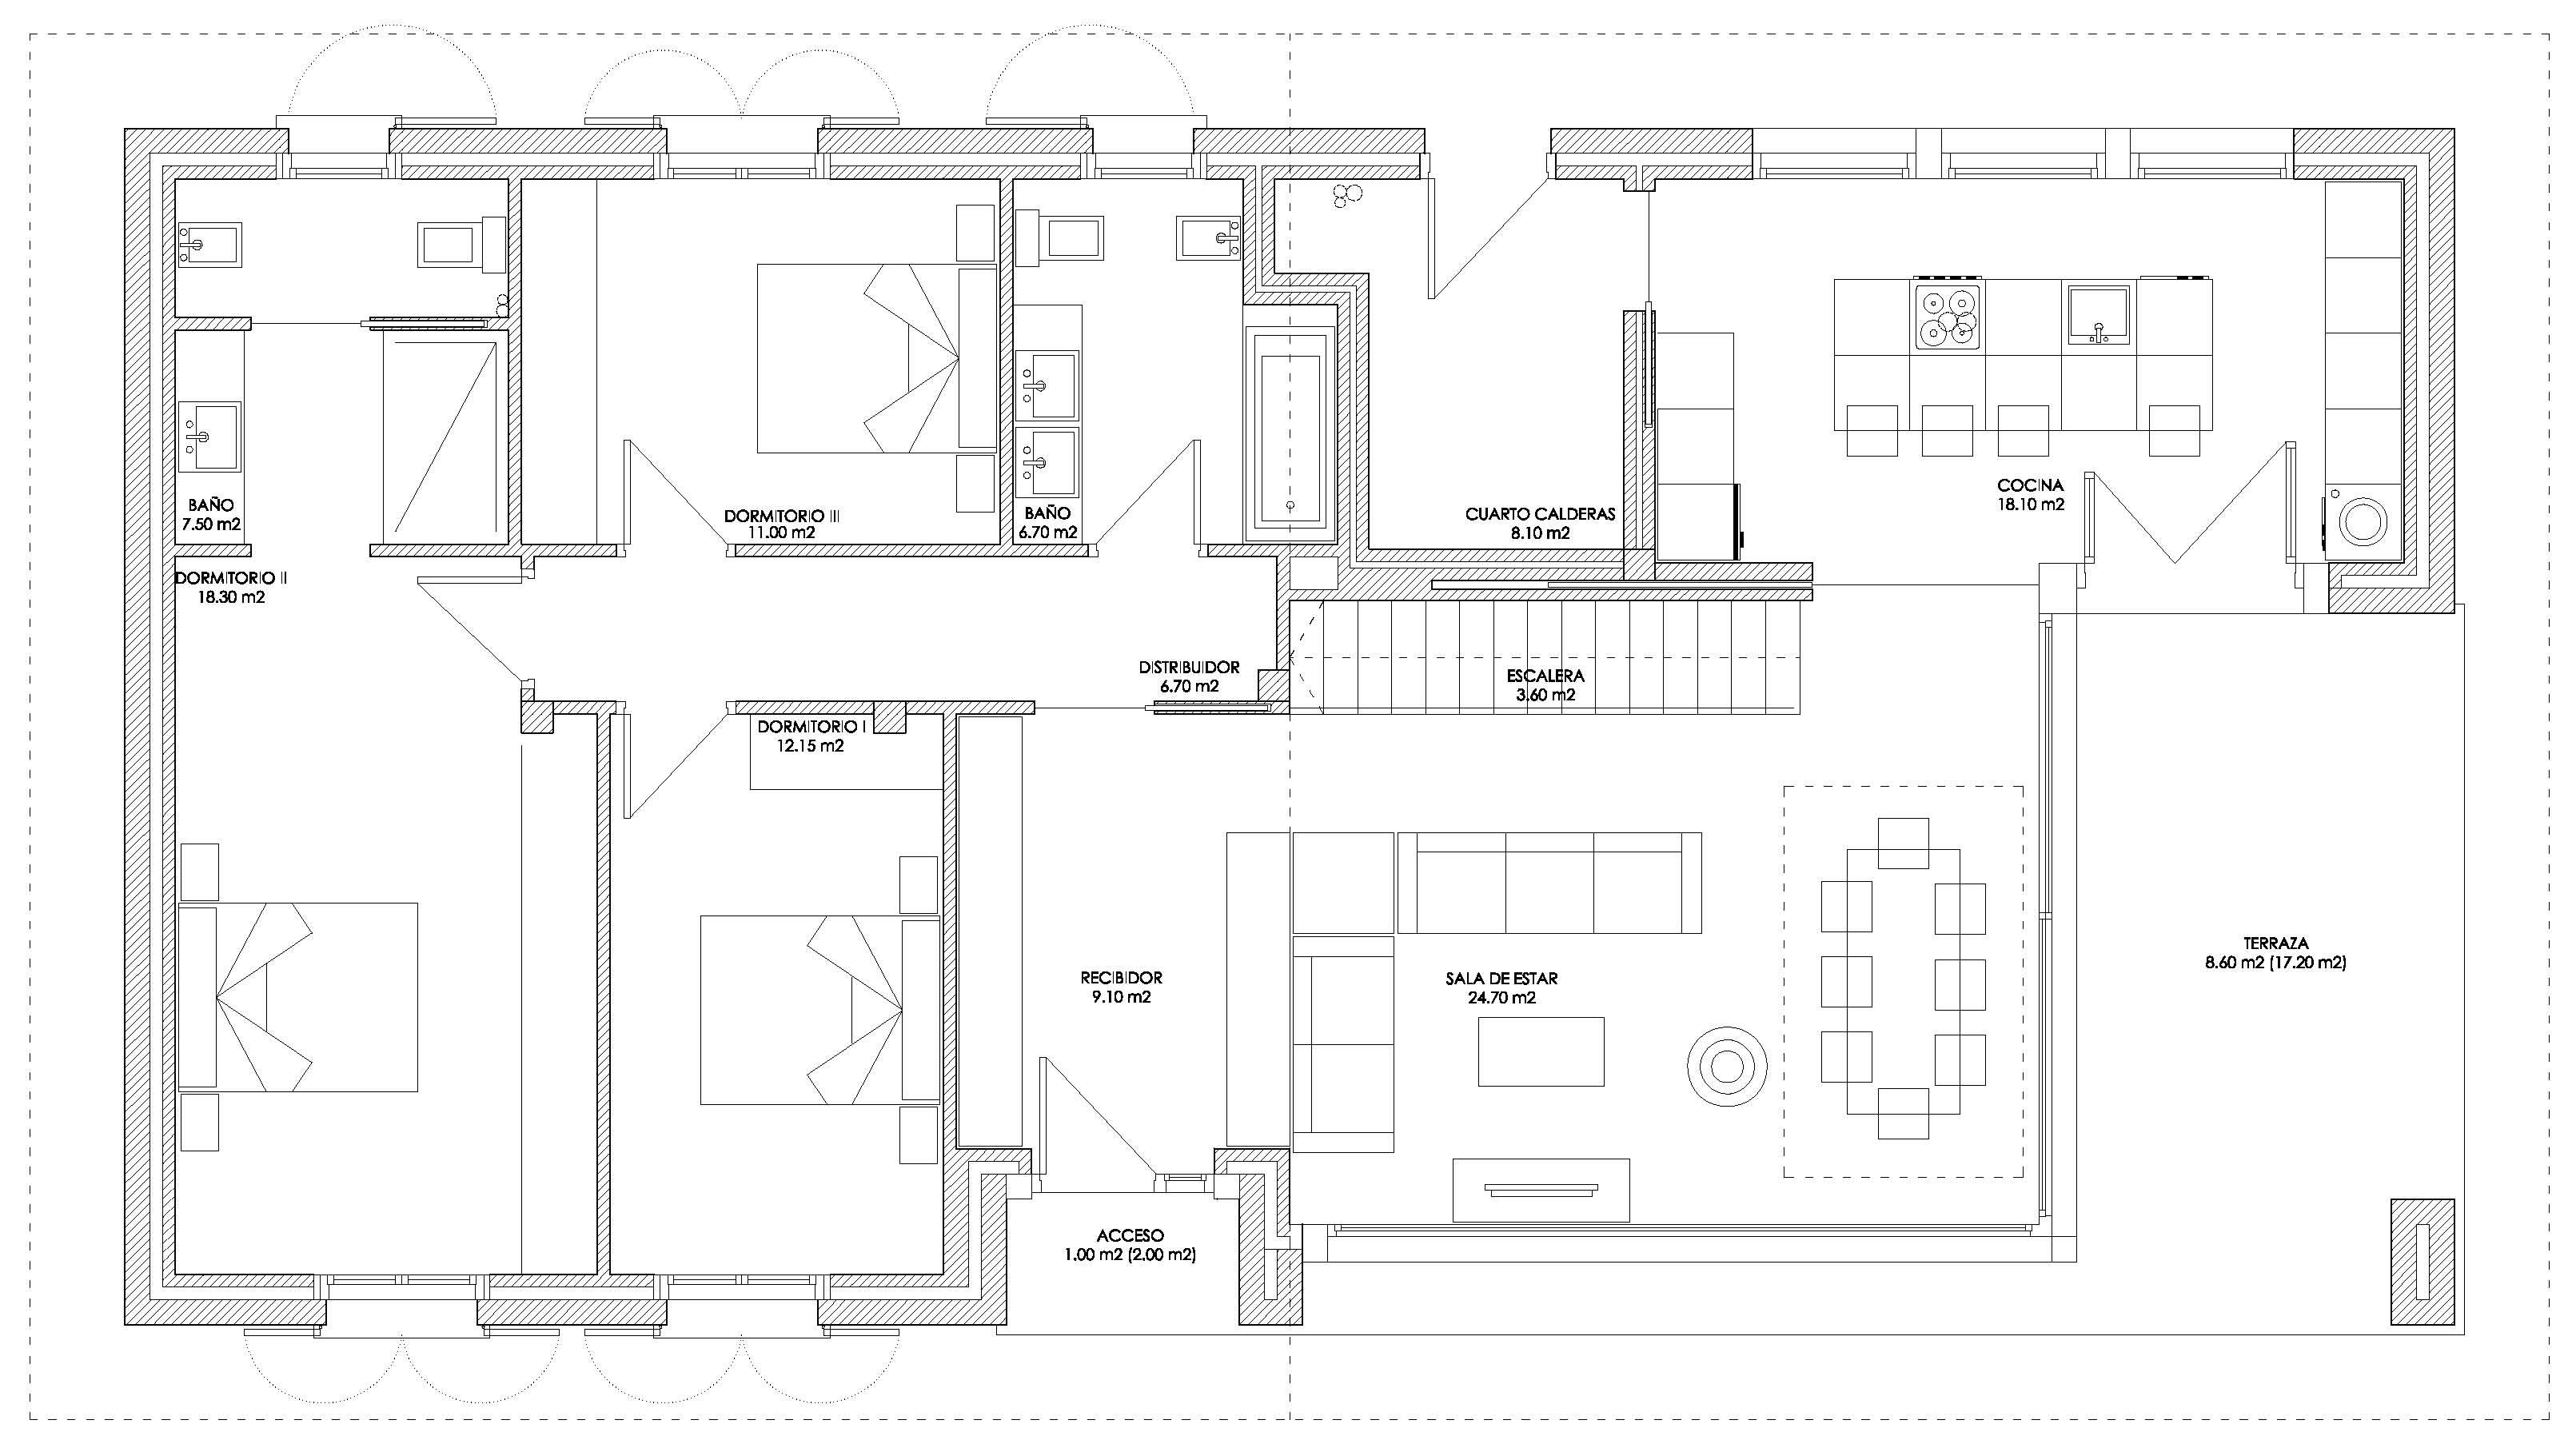 Linoplaza Arquitectura Vivienda Unifamiliar En Aniz